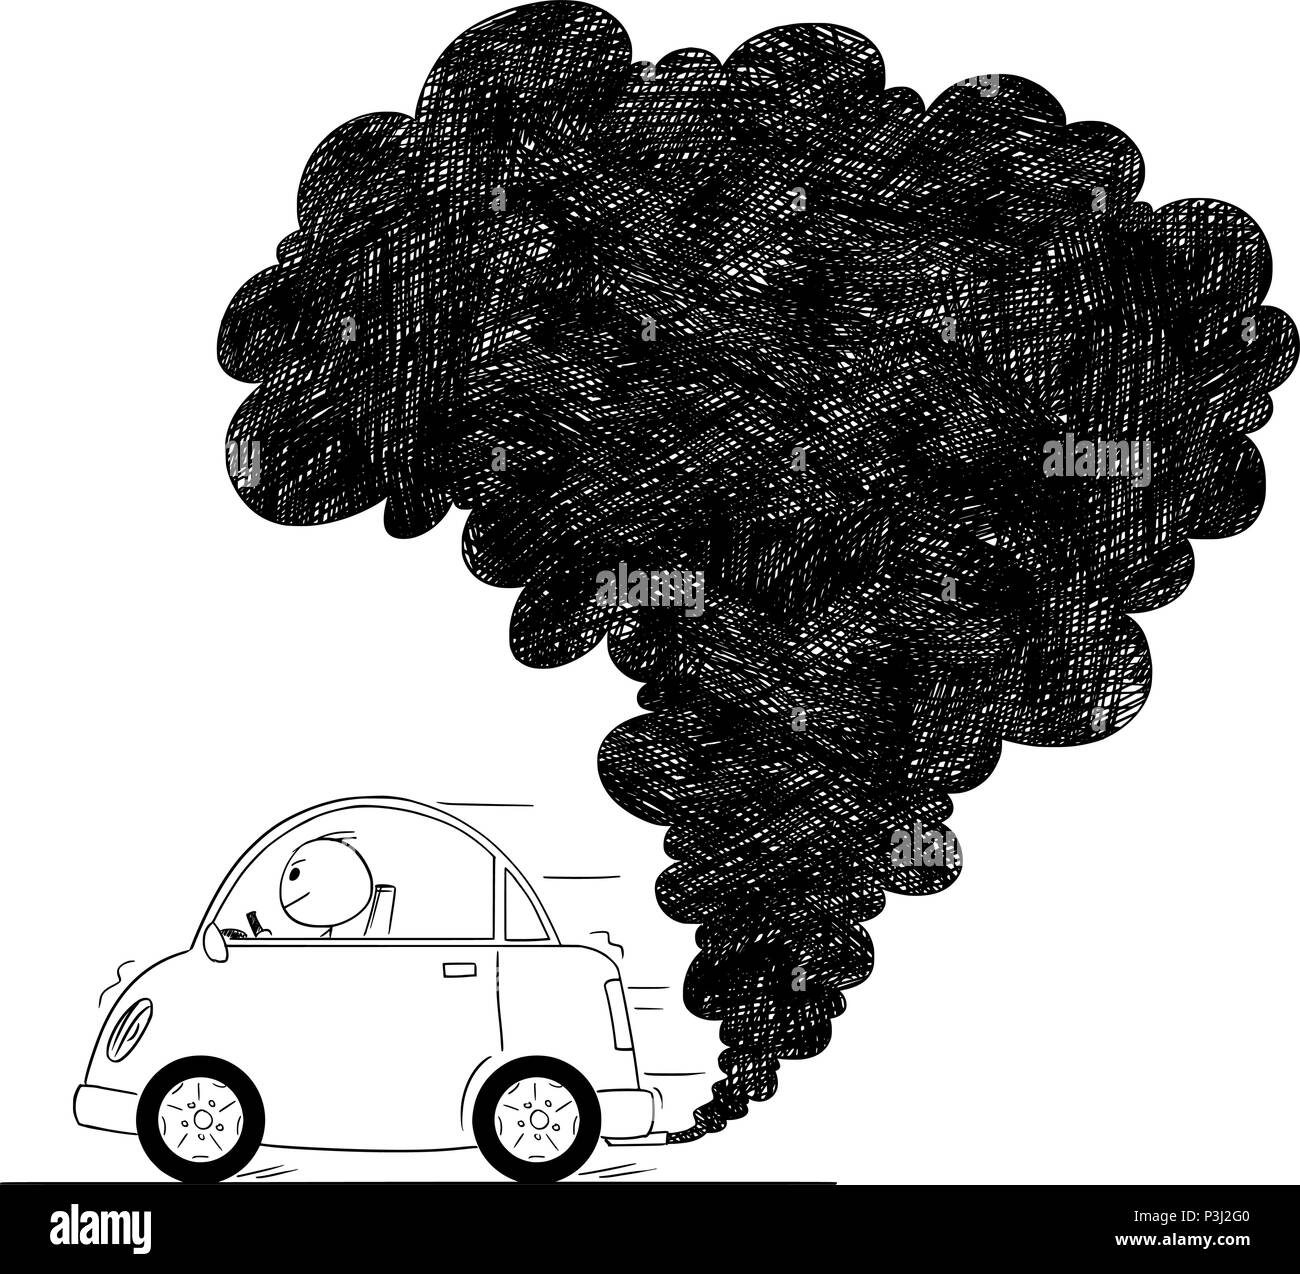 Dibujo Artístico Ilustración Vectorial De La Contaminación Del Aire